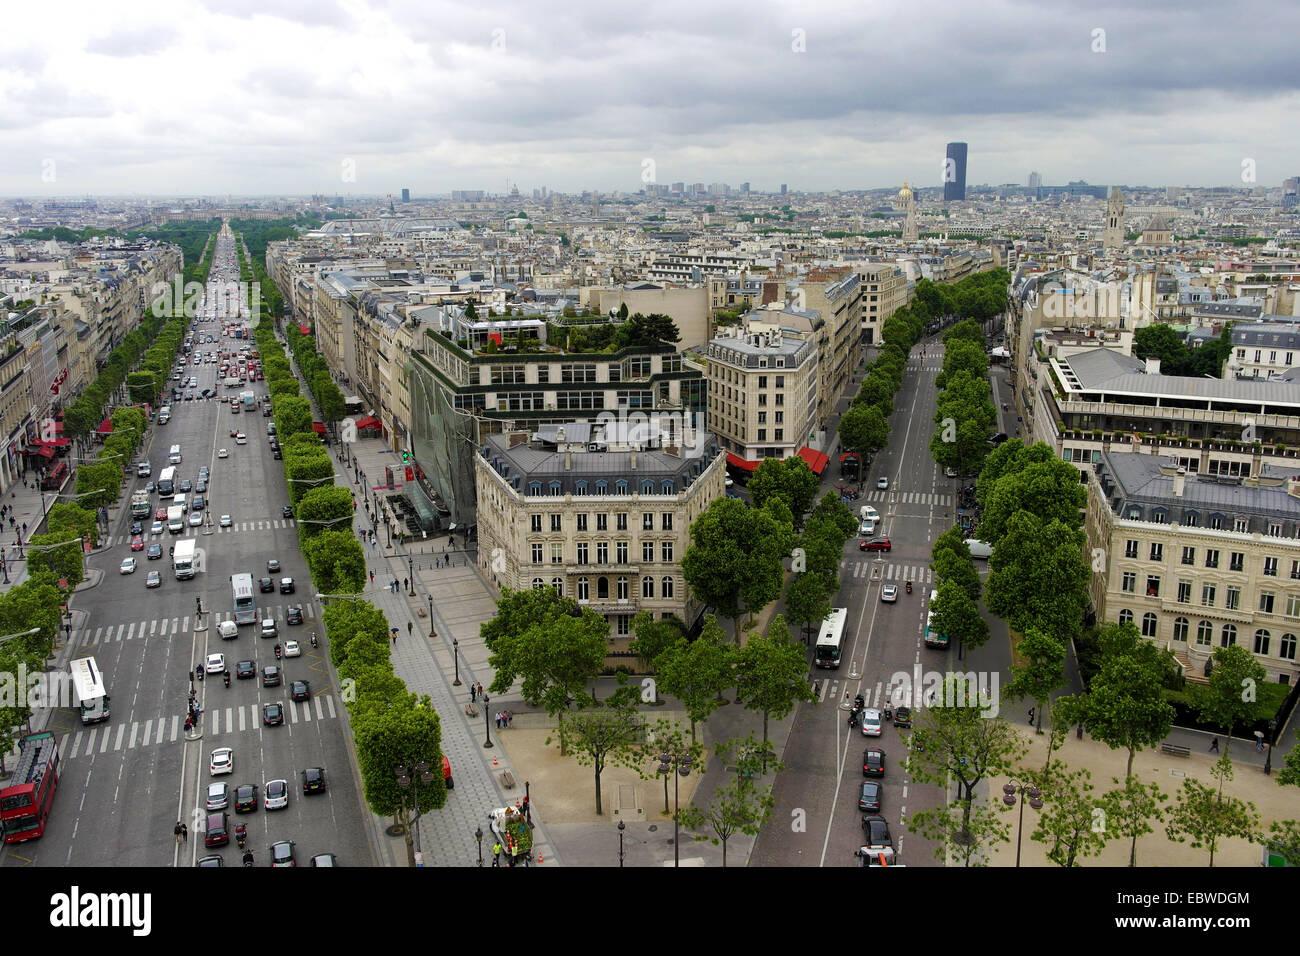 Paris view from the Arc de Triomphe, Paris cloudy - Stock Image